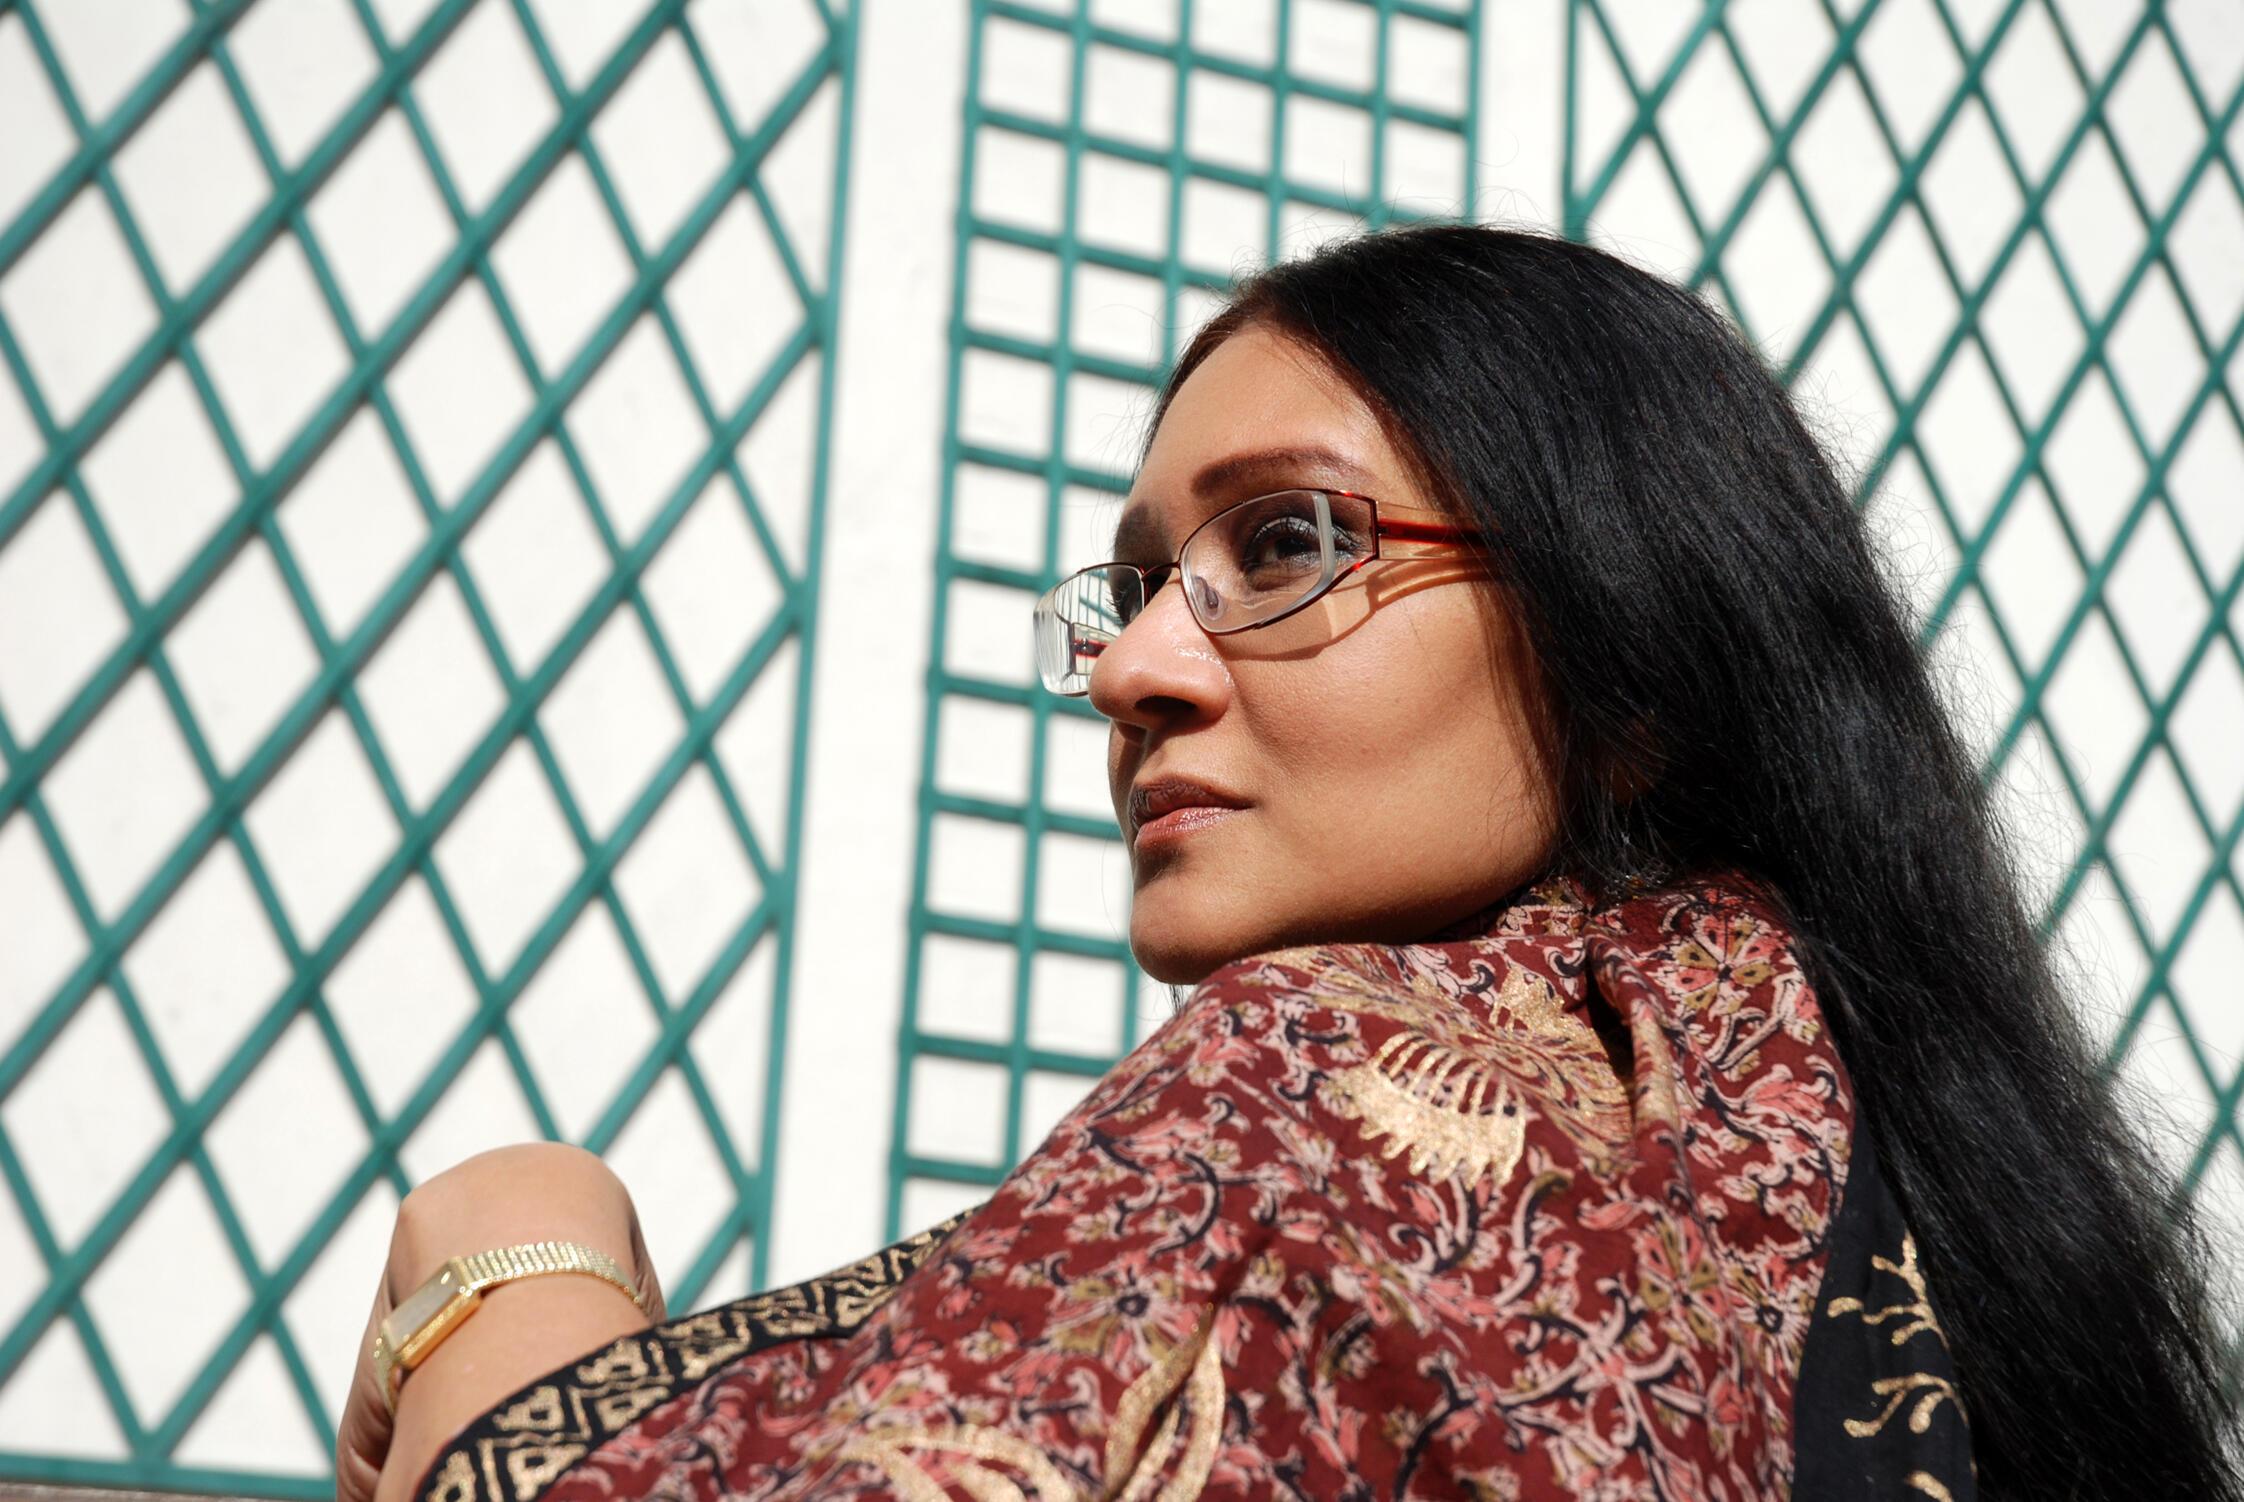 Ananda Devi, femme de lettres mauricienne et une des écrivains les plus primées de l'univers francophone.